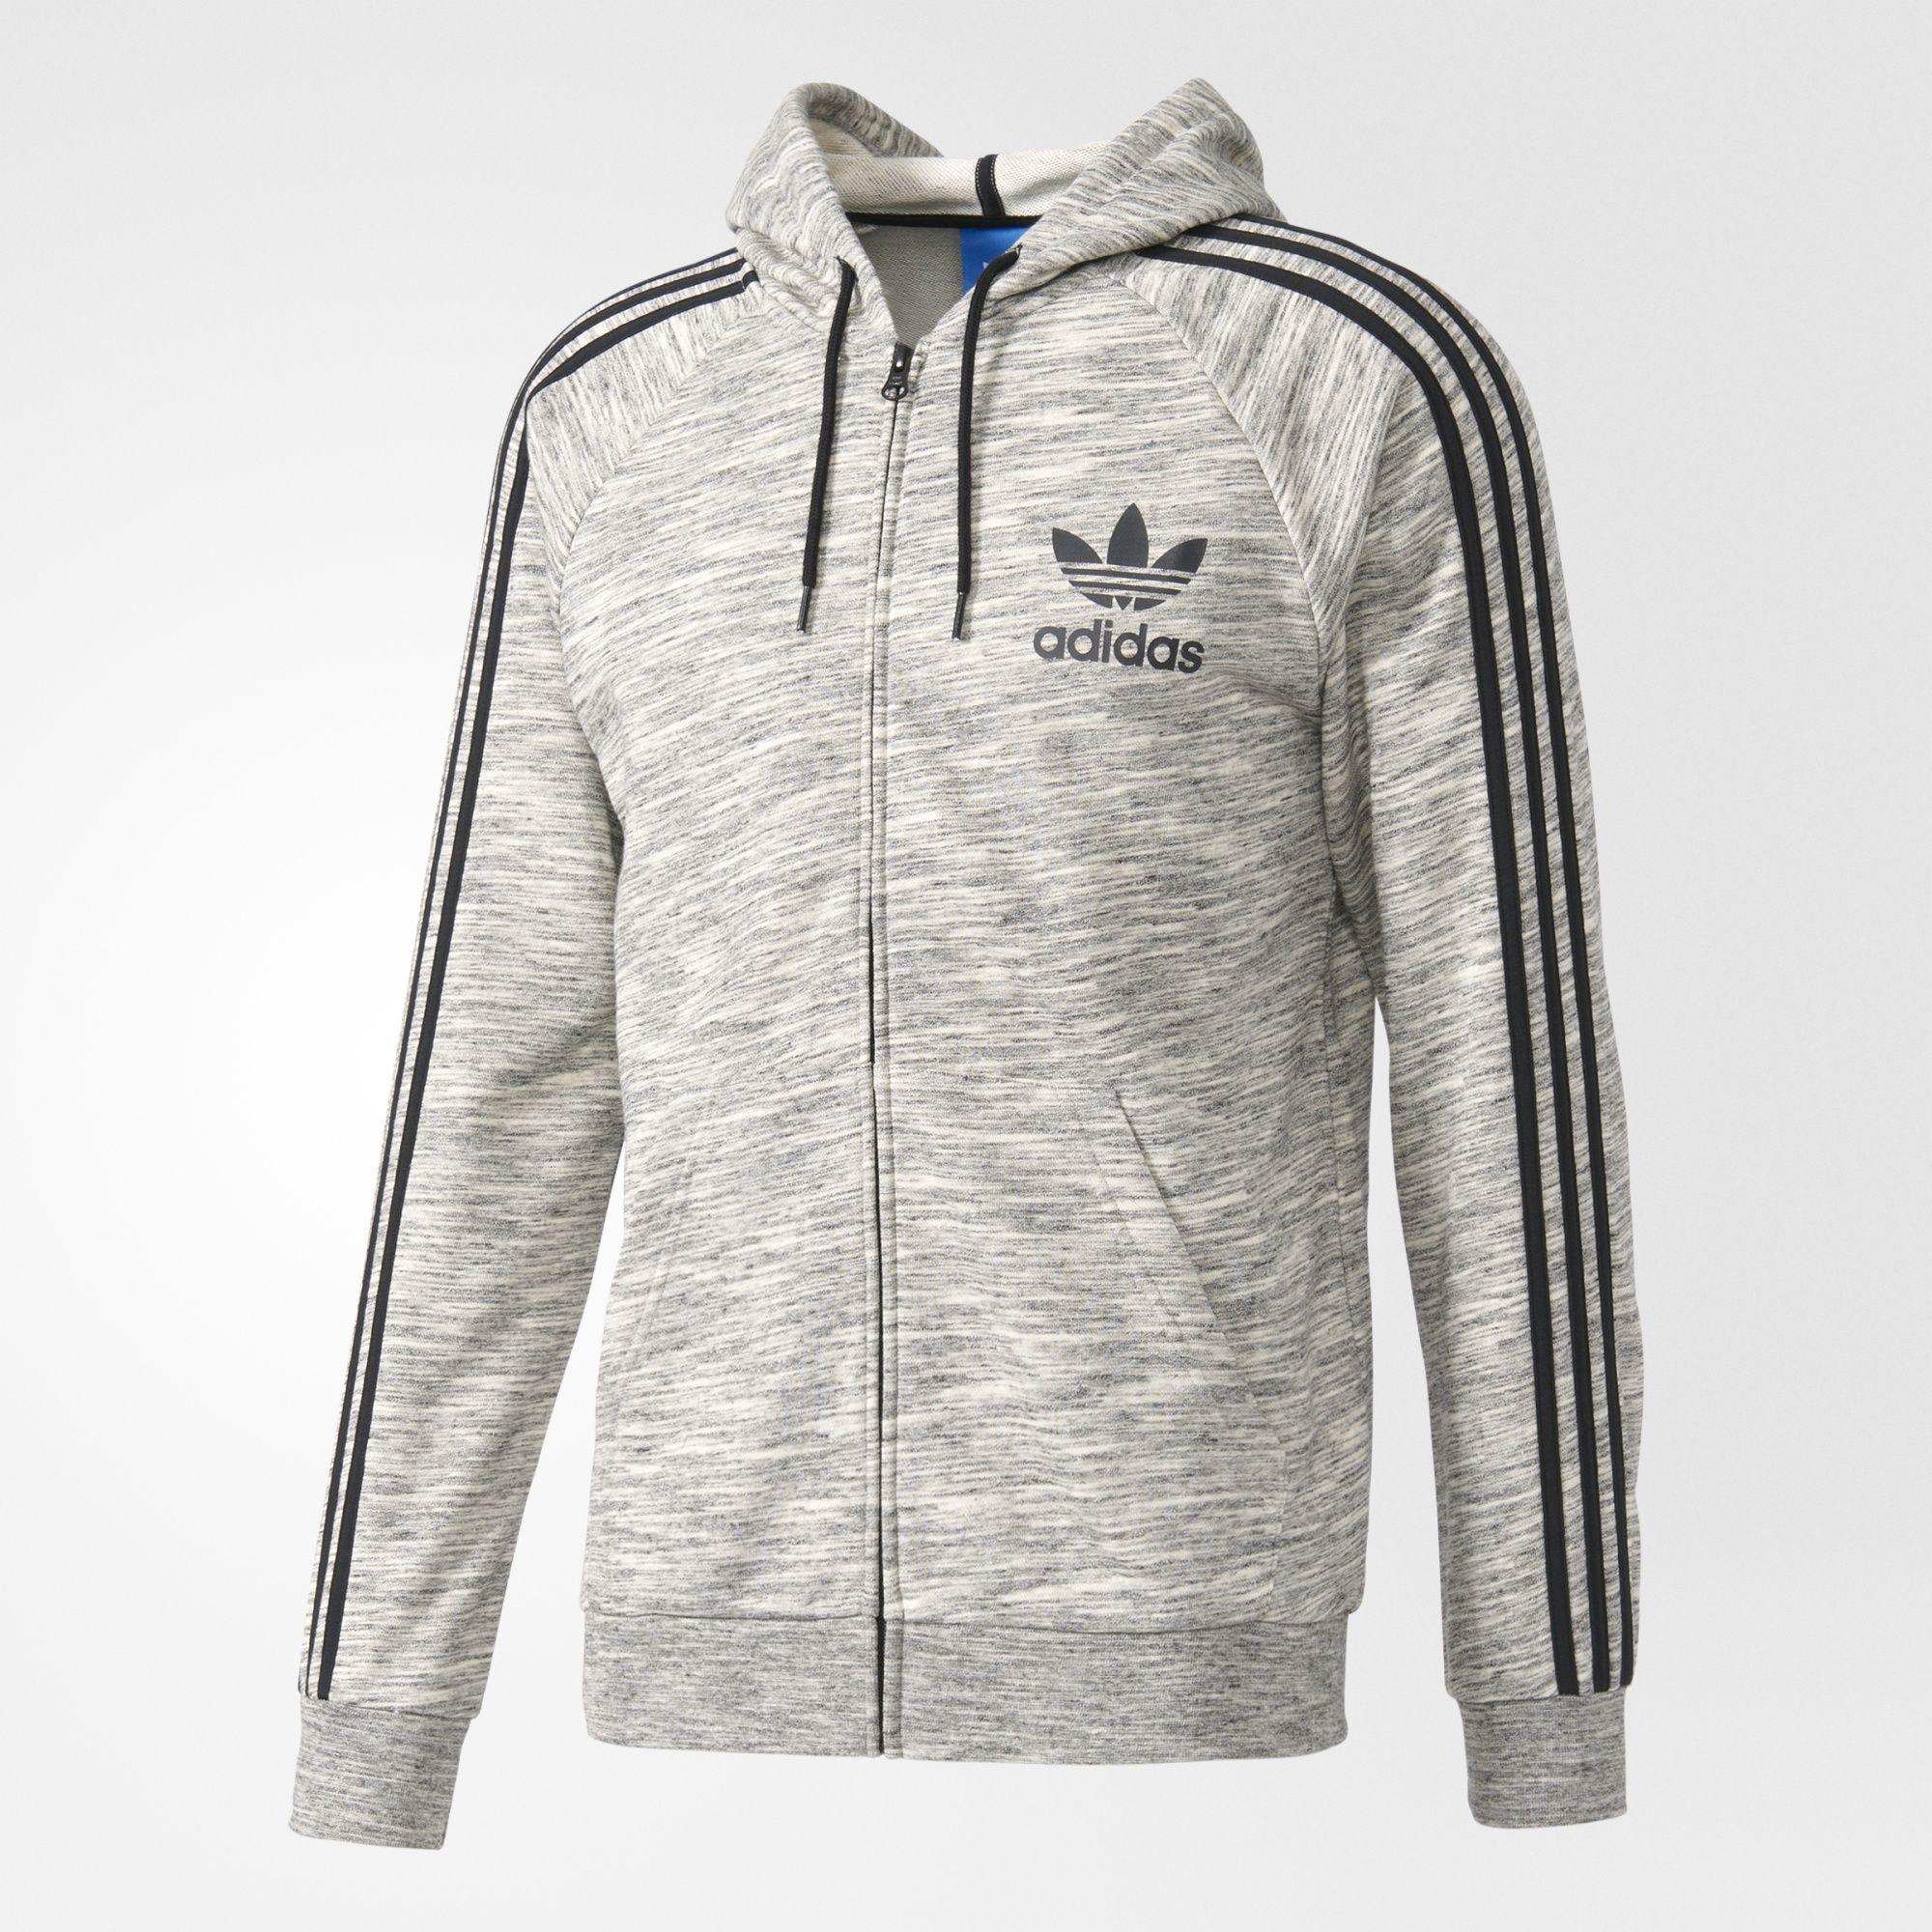 adidas - Buzo con Capucha CLFN FT Ropa Adidas Hombre ec2eacd9e8c06